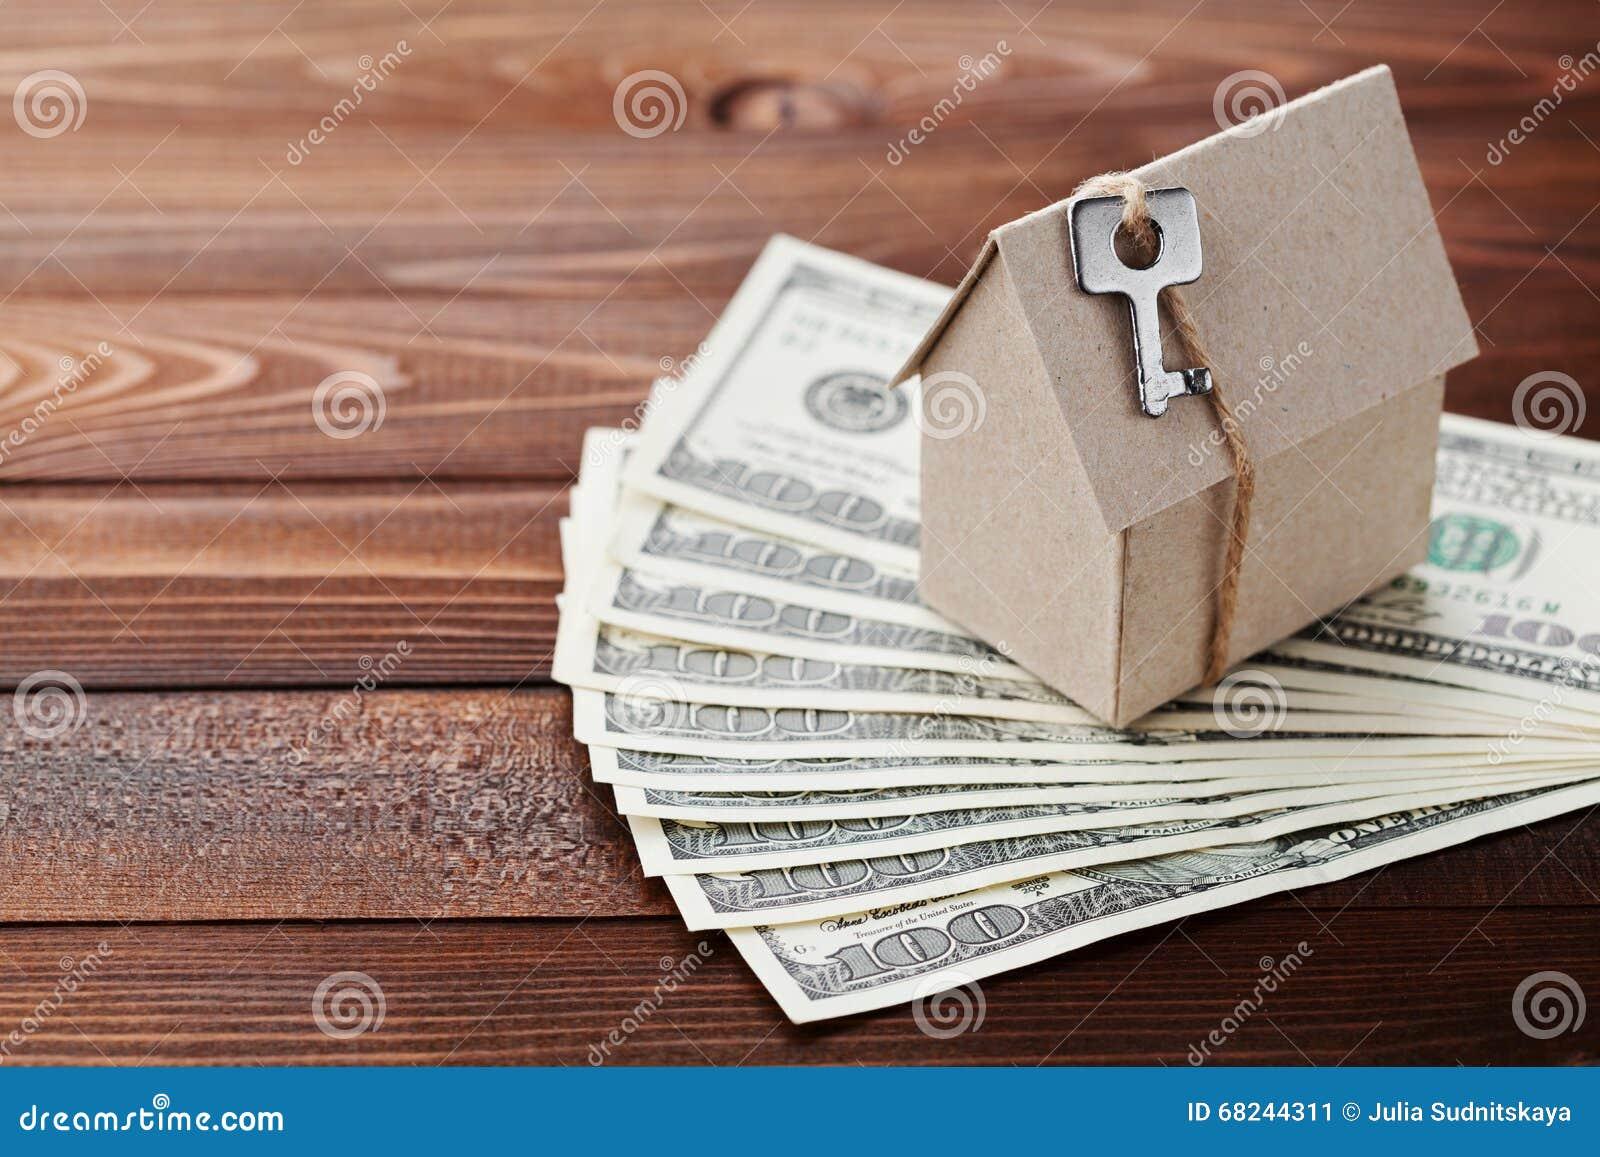 Pret Maison Simple Courtier Prt Immobilier Obtenez Le